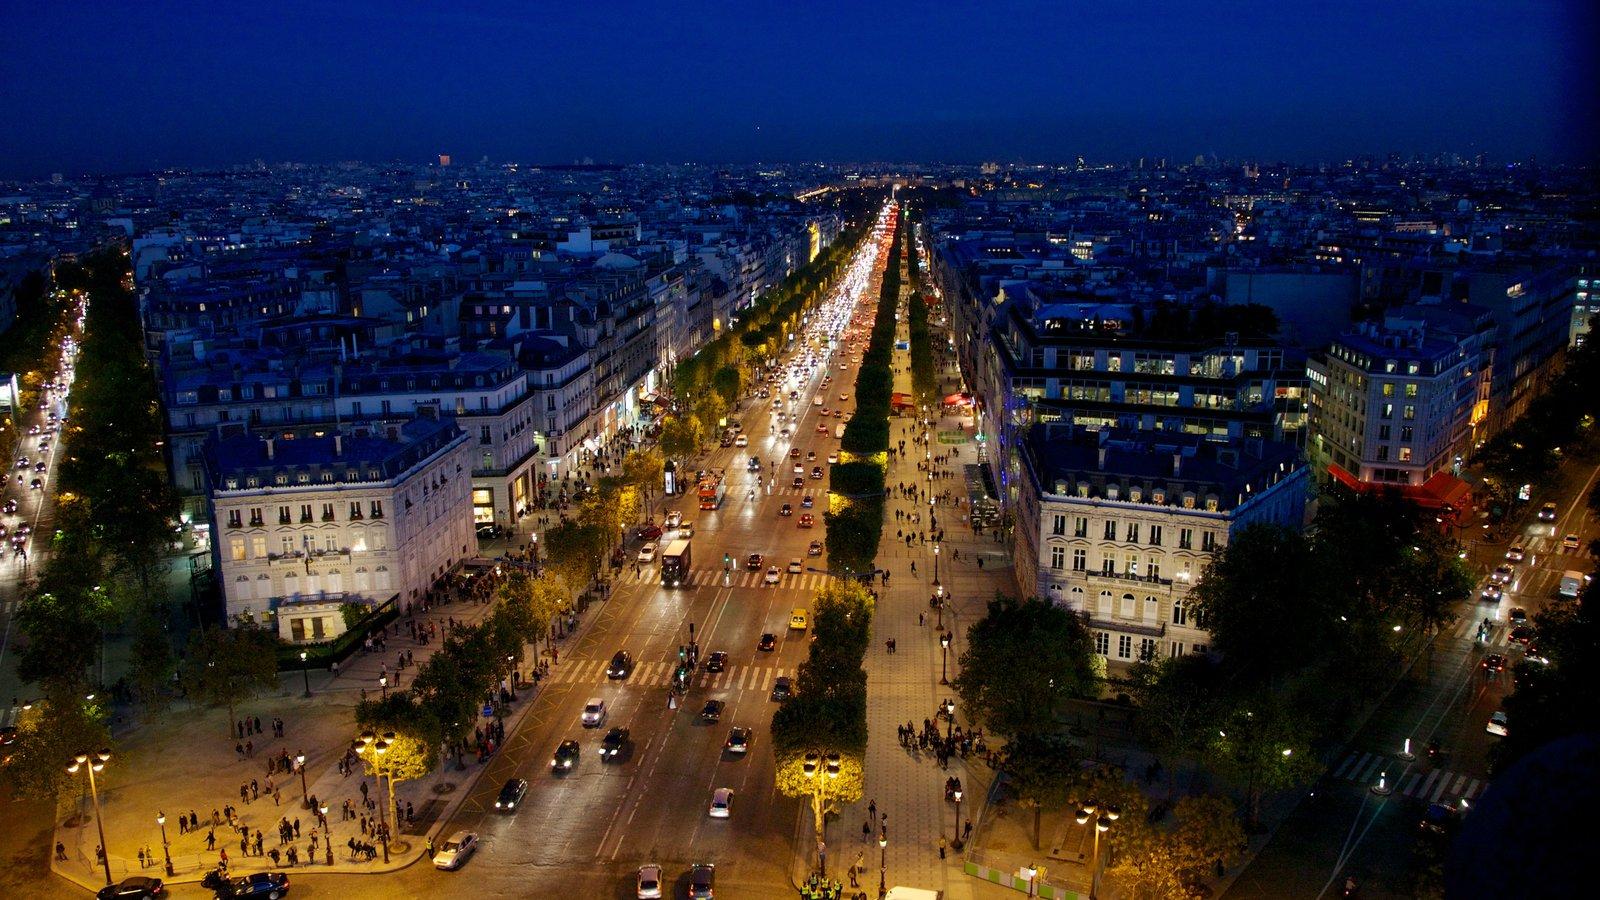 Champs Élysées que inclui uma cidade, cenas de rua e cenas noturnas